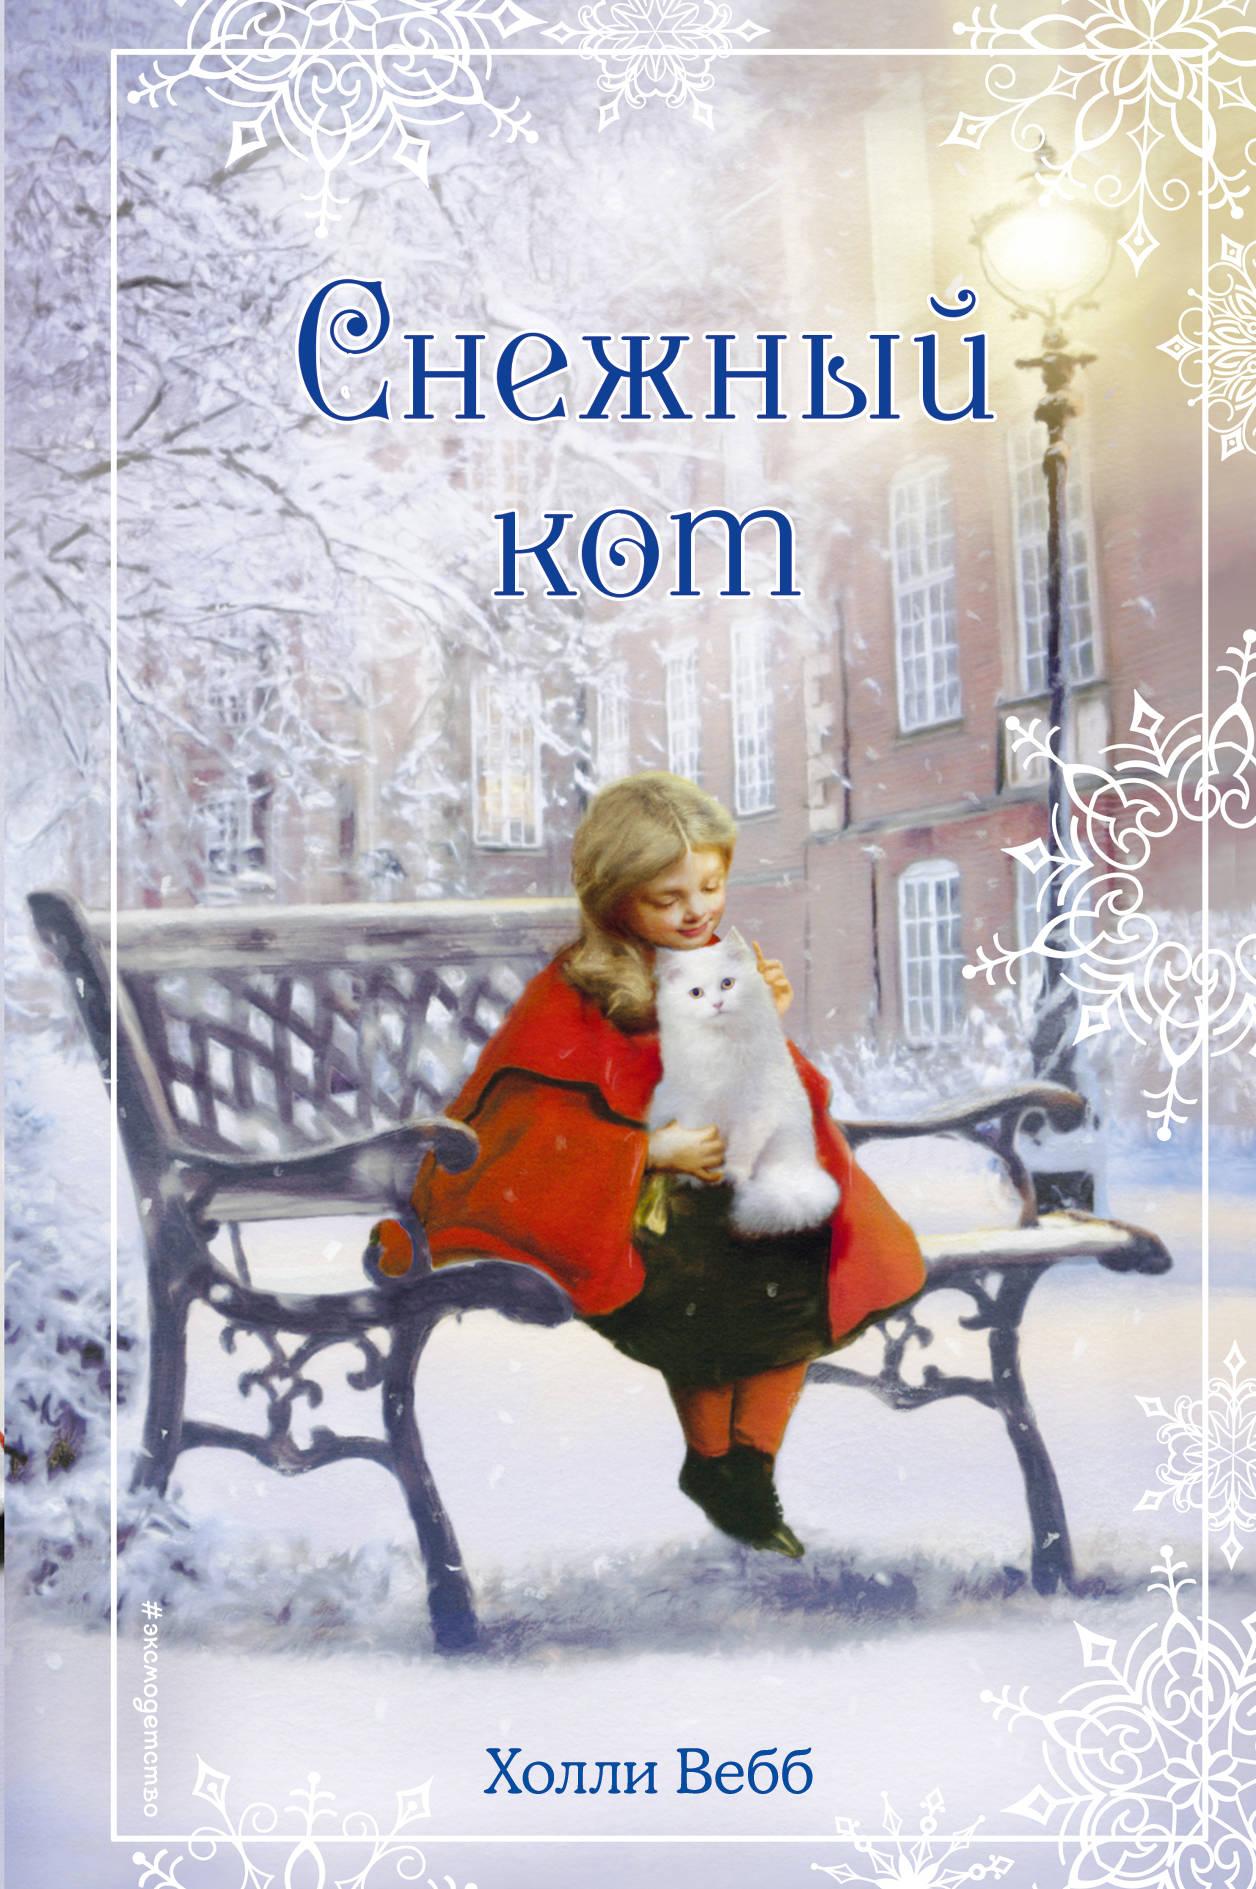 Холли Вебб Рождественские истории. Снежный кот